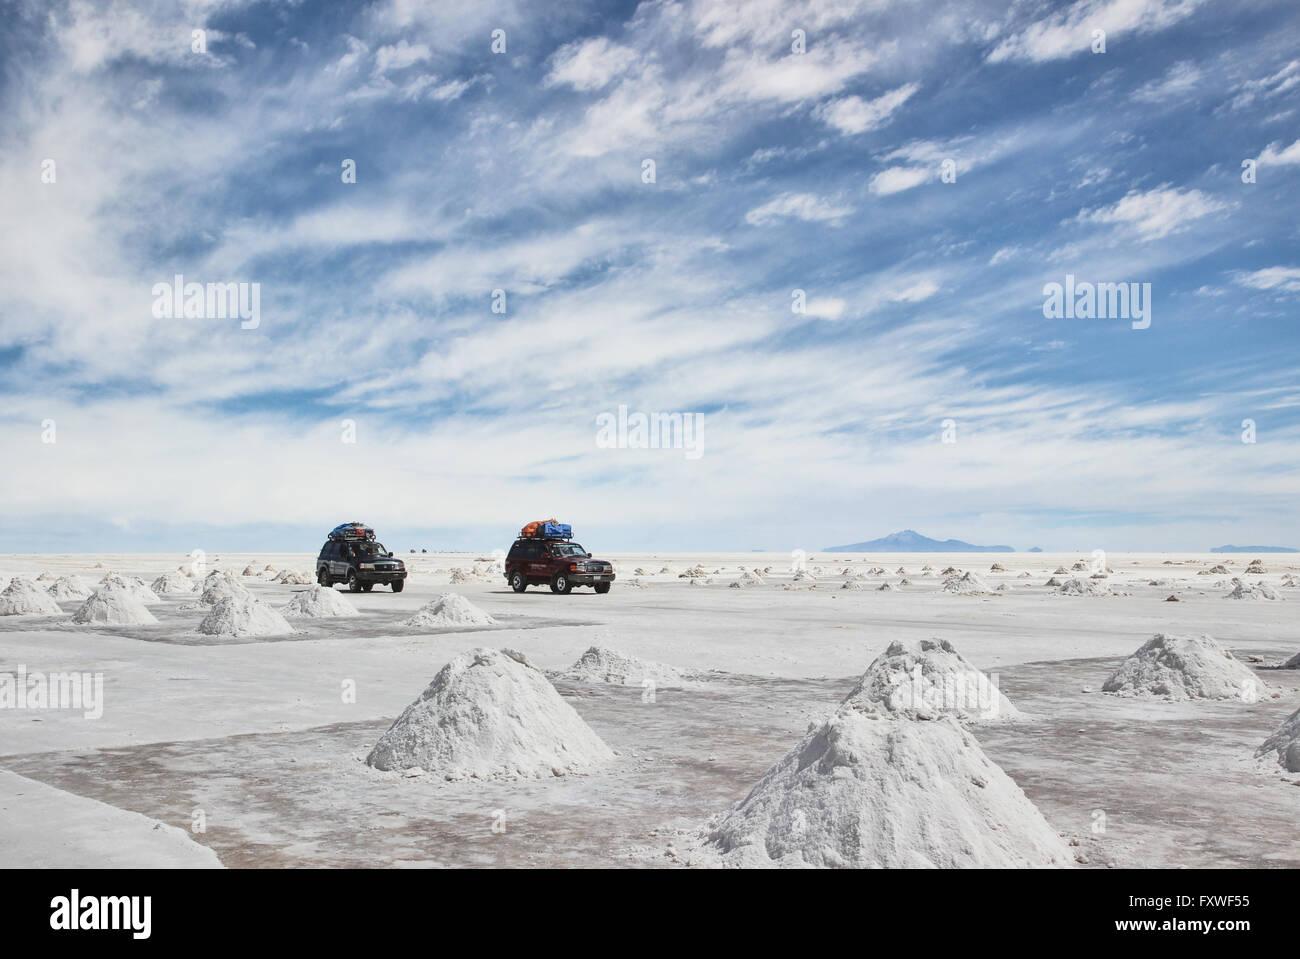 Bolivia - 22/08/2013 - Bolivia / Salar de Uyuni / Uyuni - desierto de Sal, Uyuni - Sandrine Huet / Le Pictorium Imagen De Stock